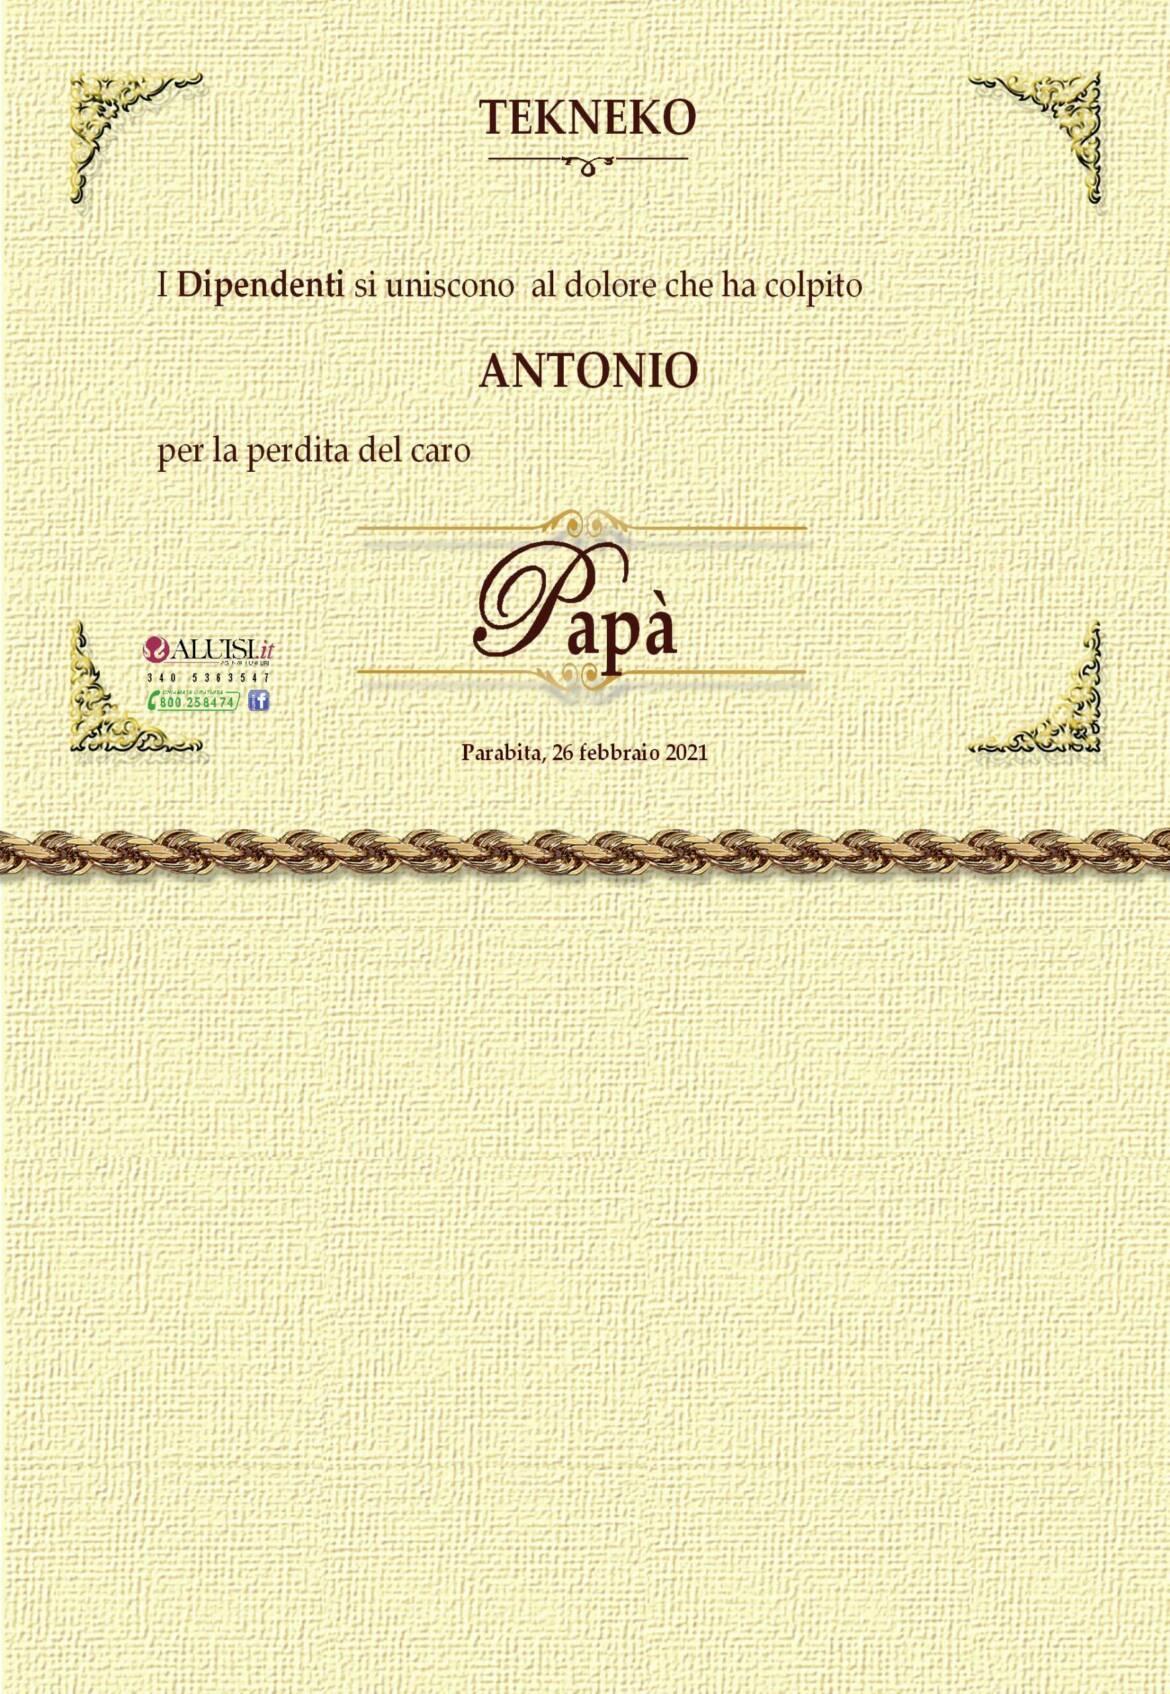 PARTECIPAZIONE-ROCCO-ANTONIO-CORONESE-PARABIA-4-scaled.jpg